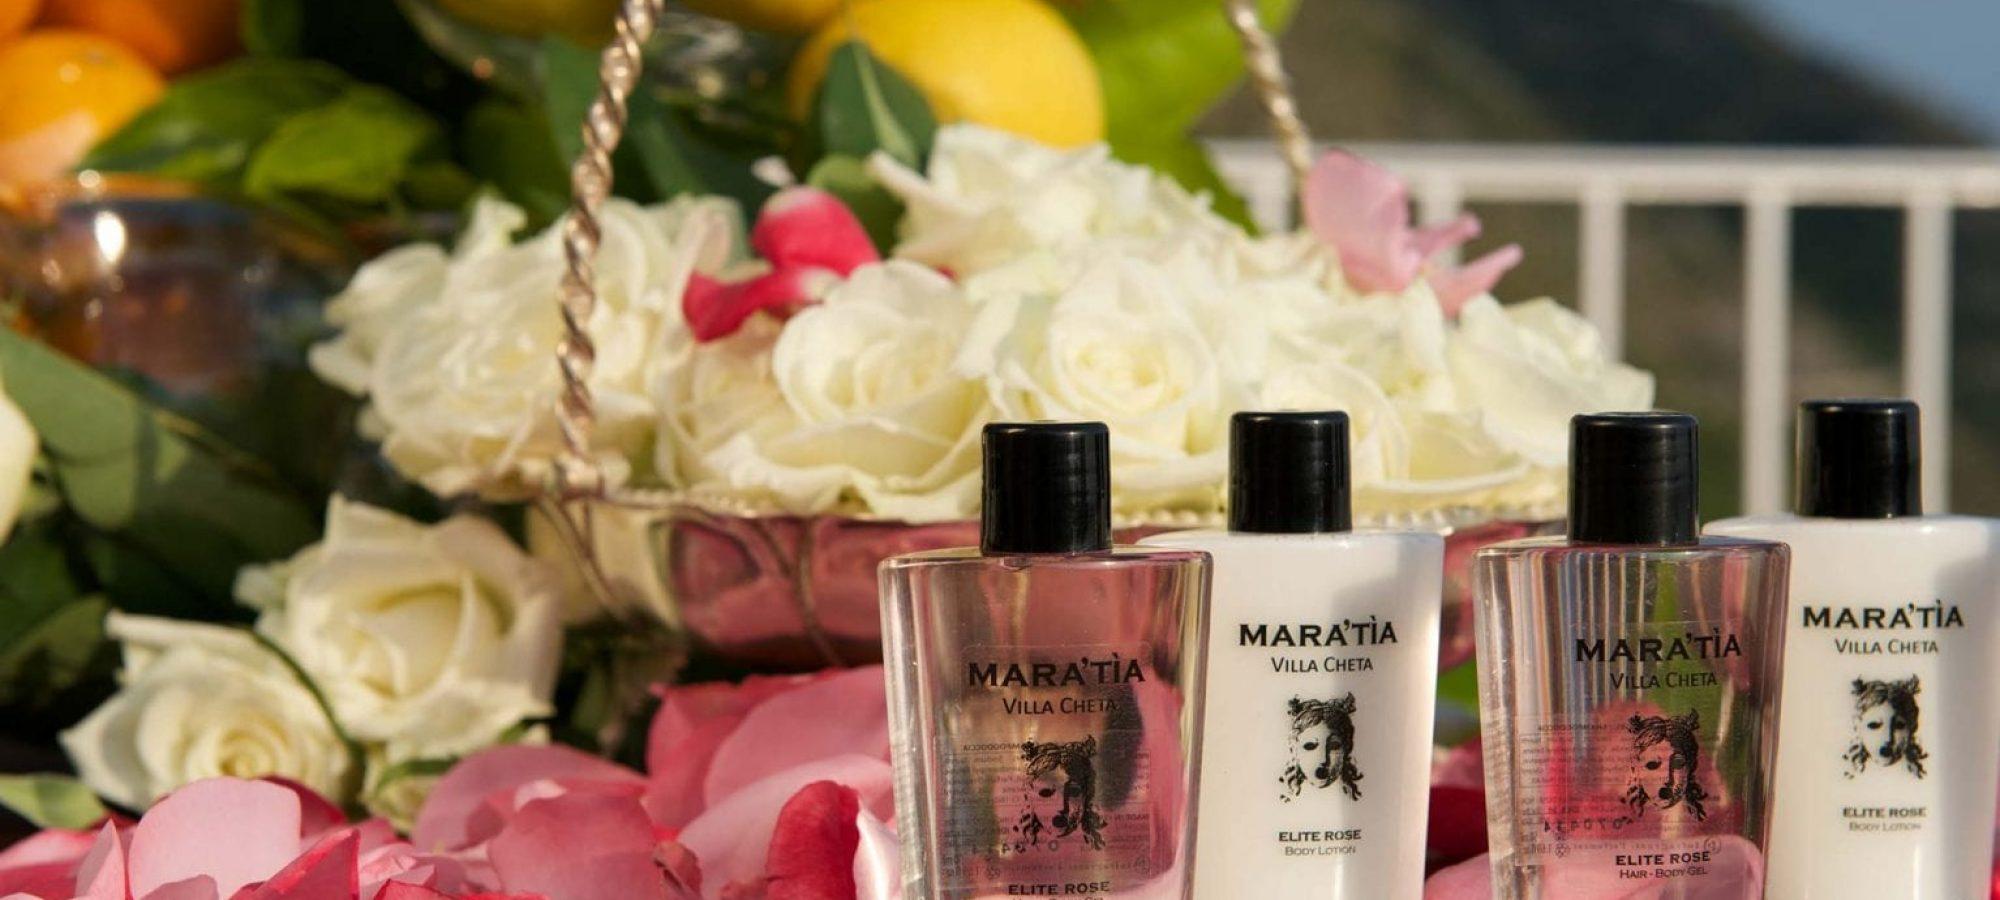 elite rose maratea